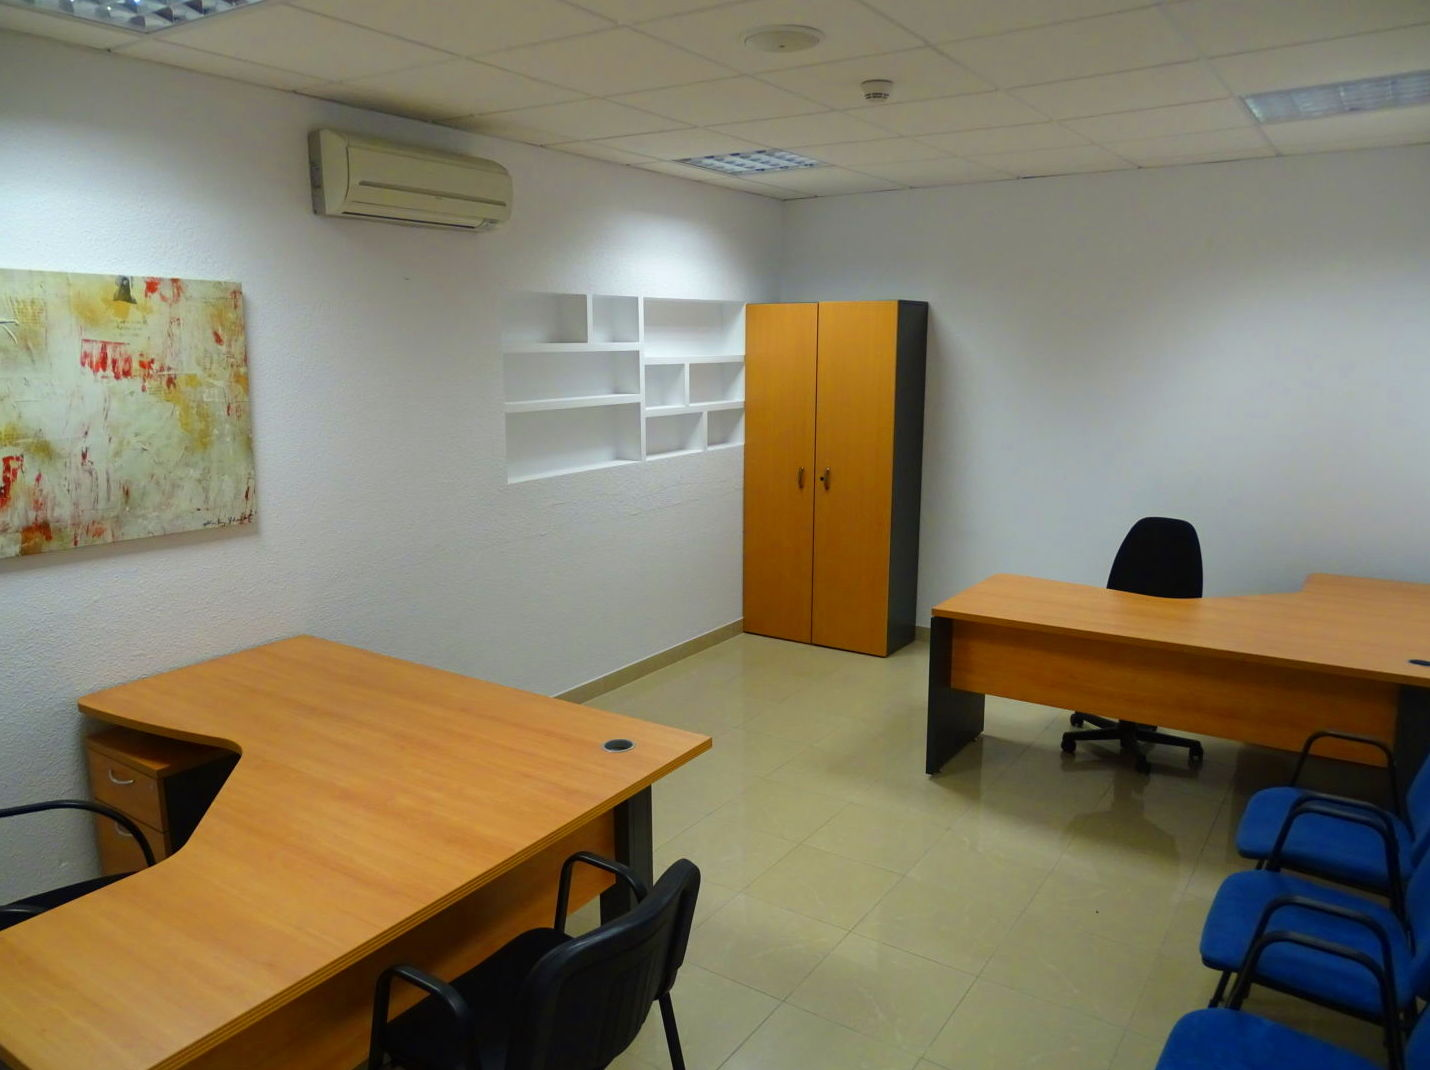 Foto 14 de Alquiler salas totalmente equipadas en Palma de Mallorca | Centro de negocios Son Castelló